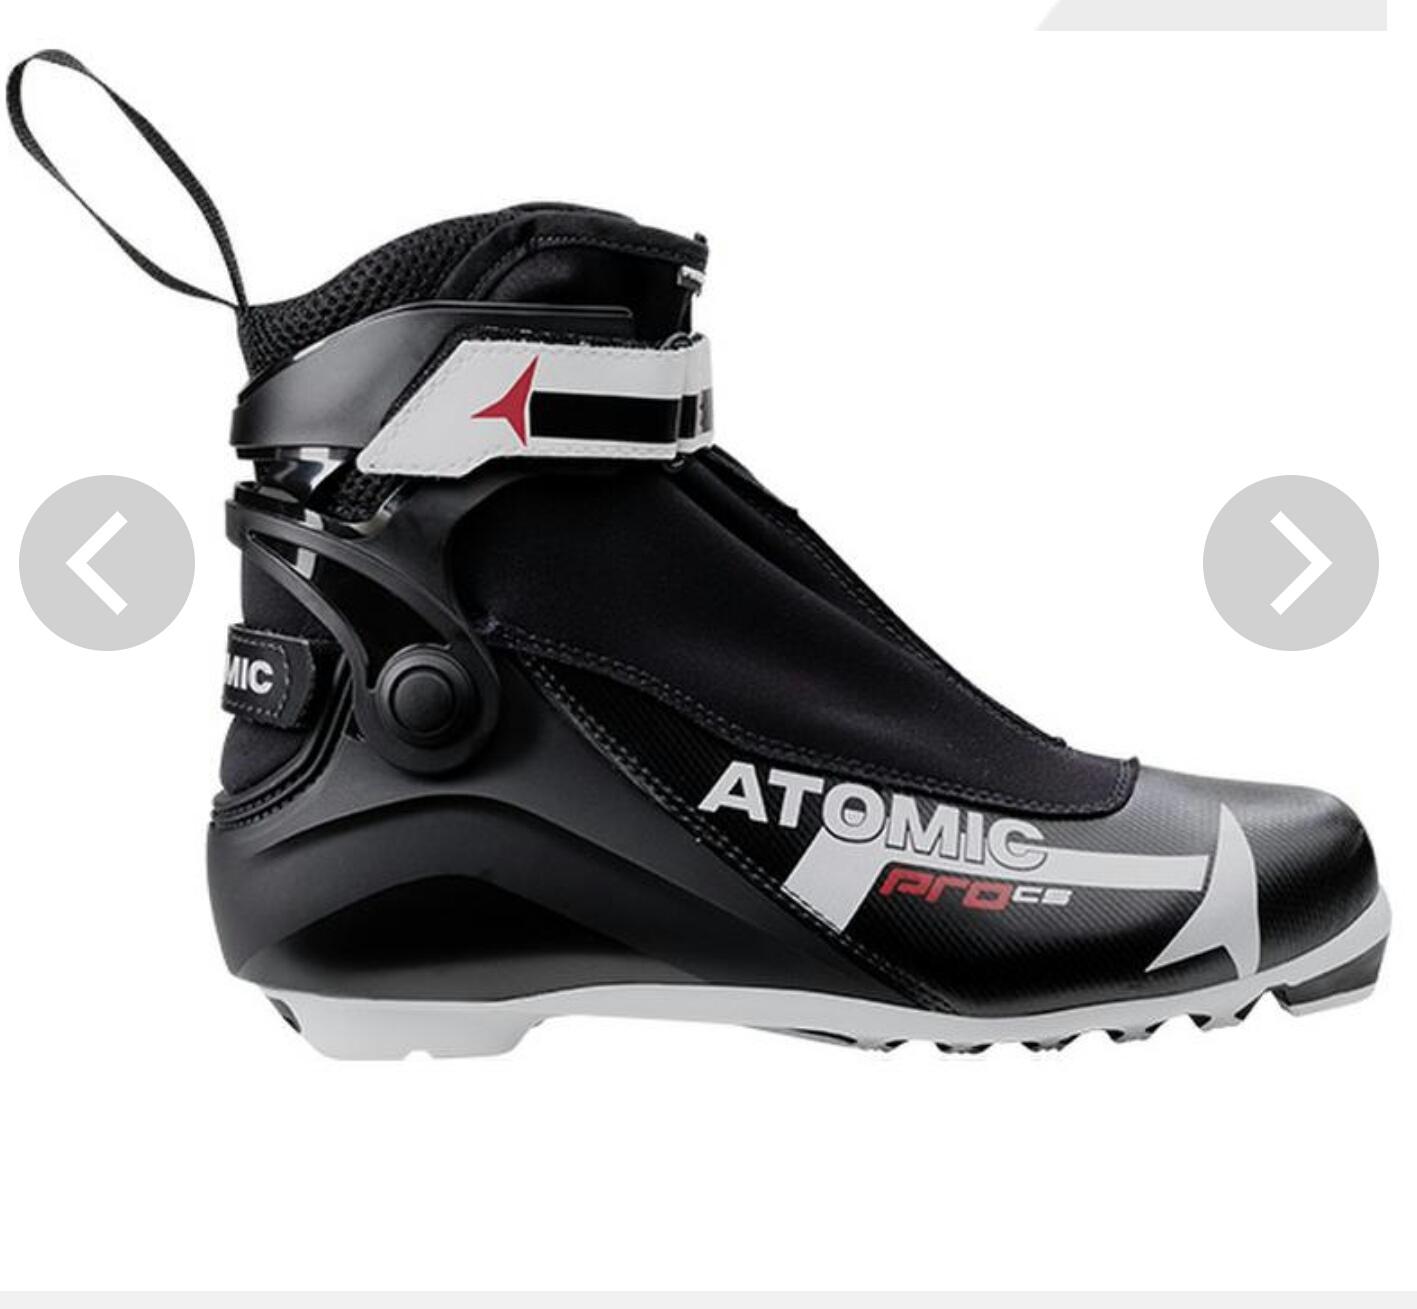 Boty na běžky Atomic Pro CS combi - Bazar - Běžky.net 39833f6dec